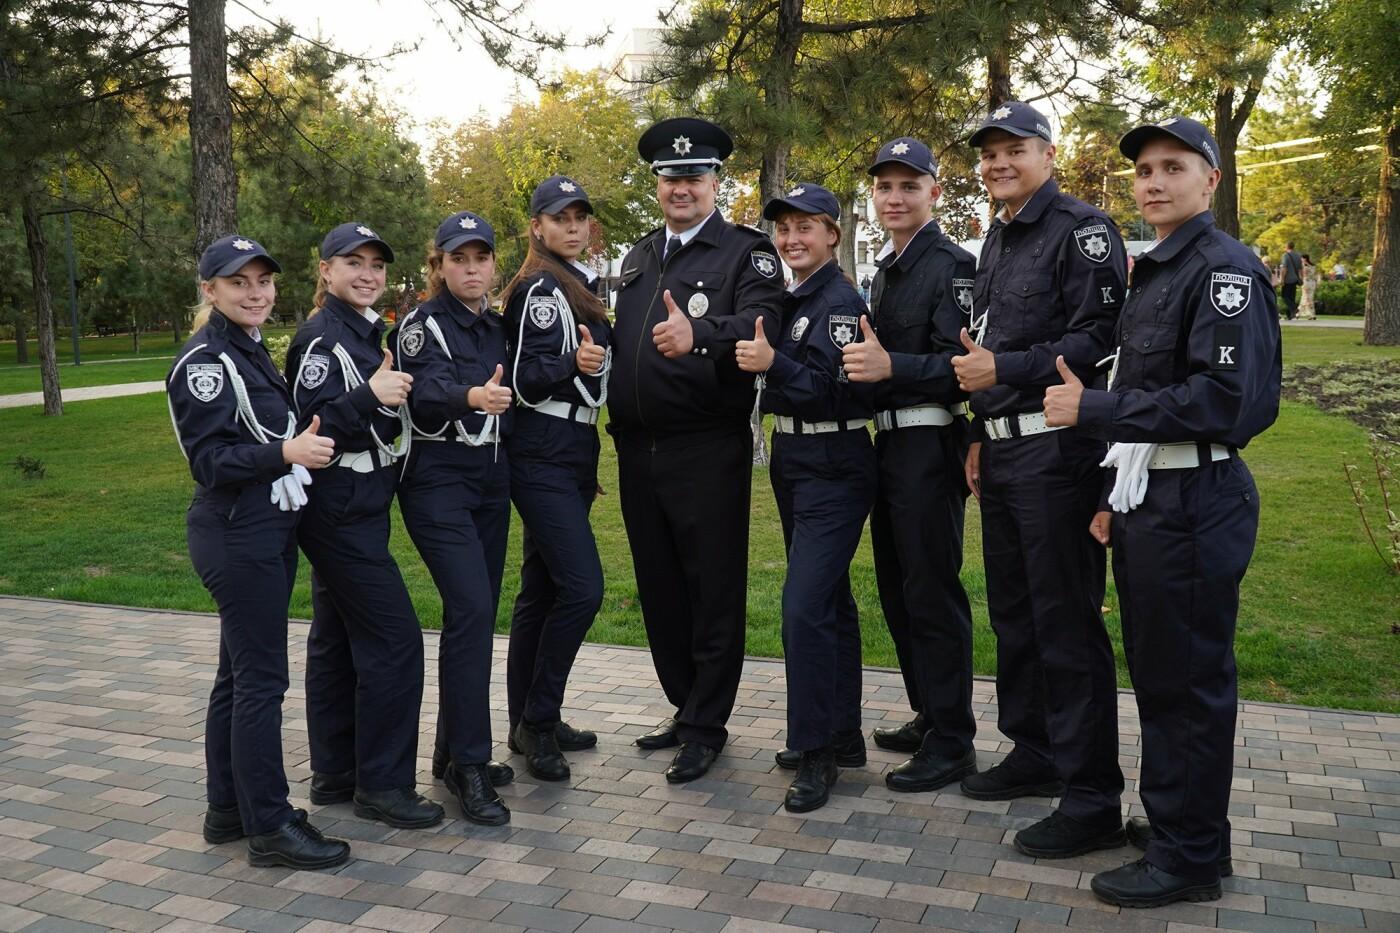 Донецький державний університет внутрішніх справ: тут варто навчатись, щоб захищати!, фото-2